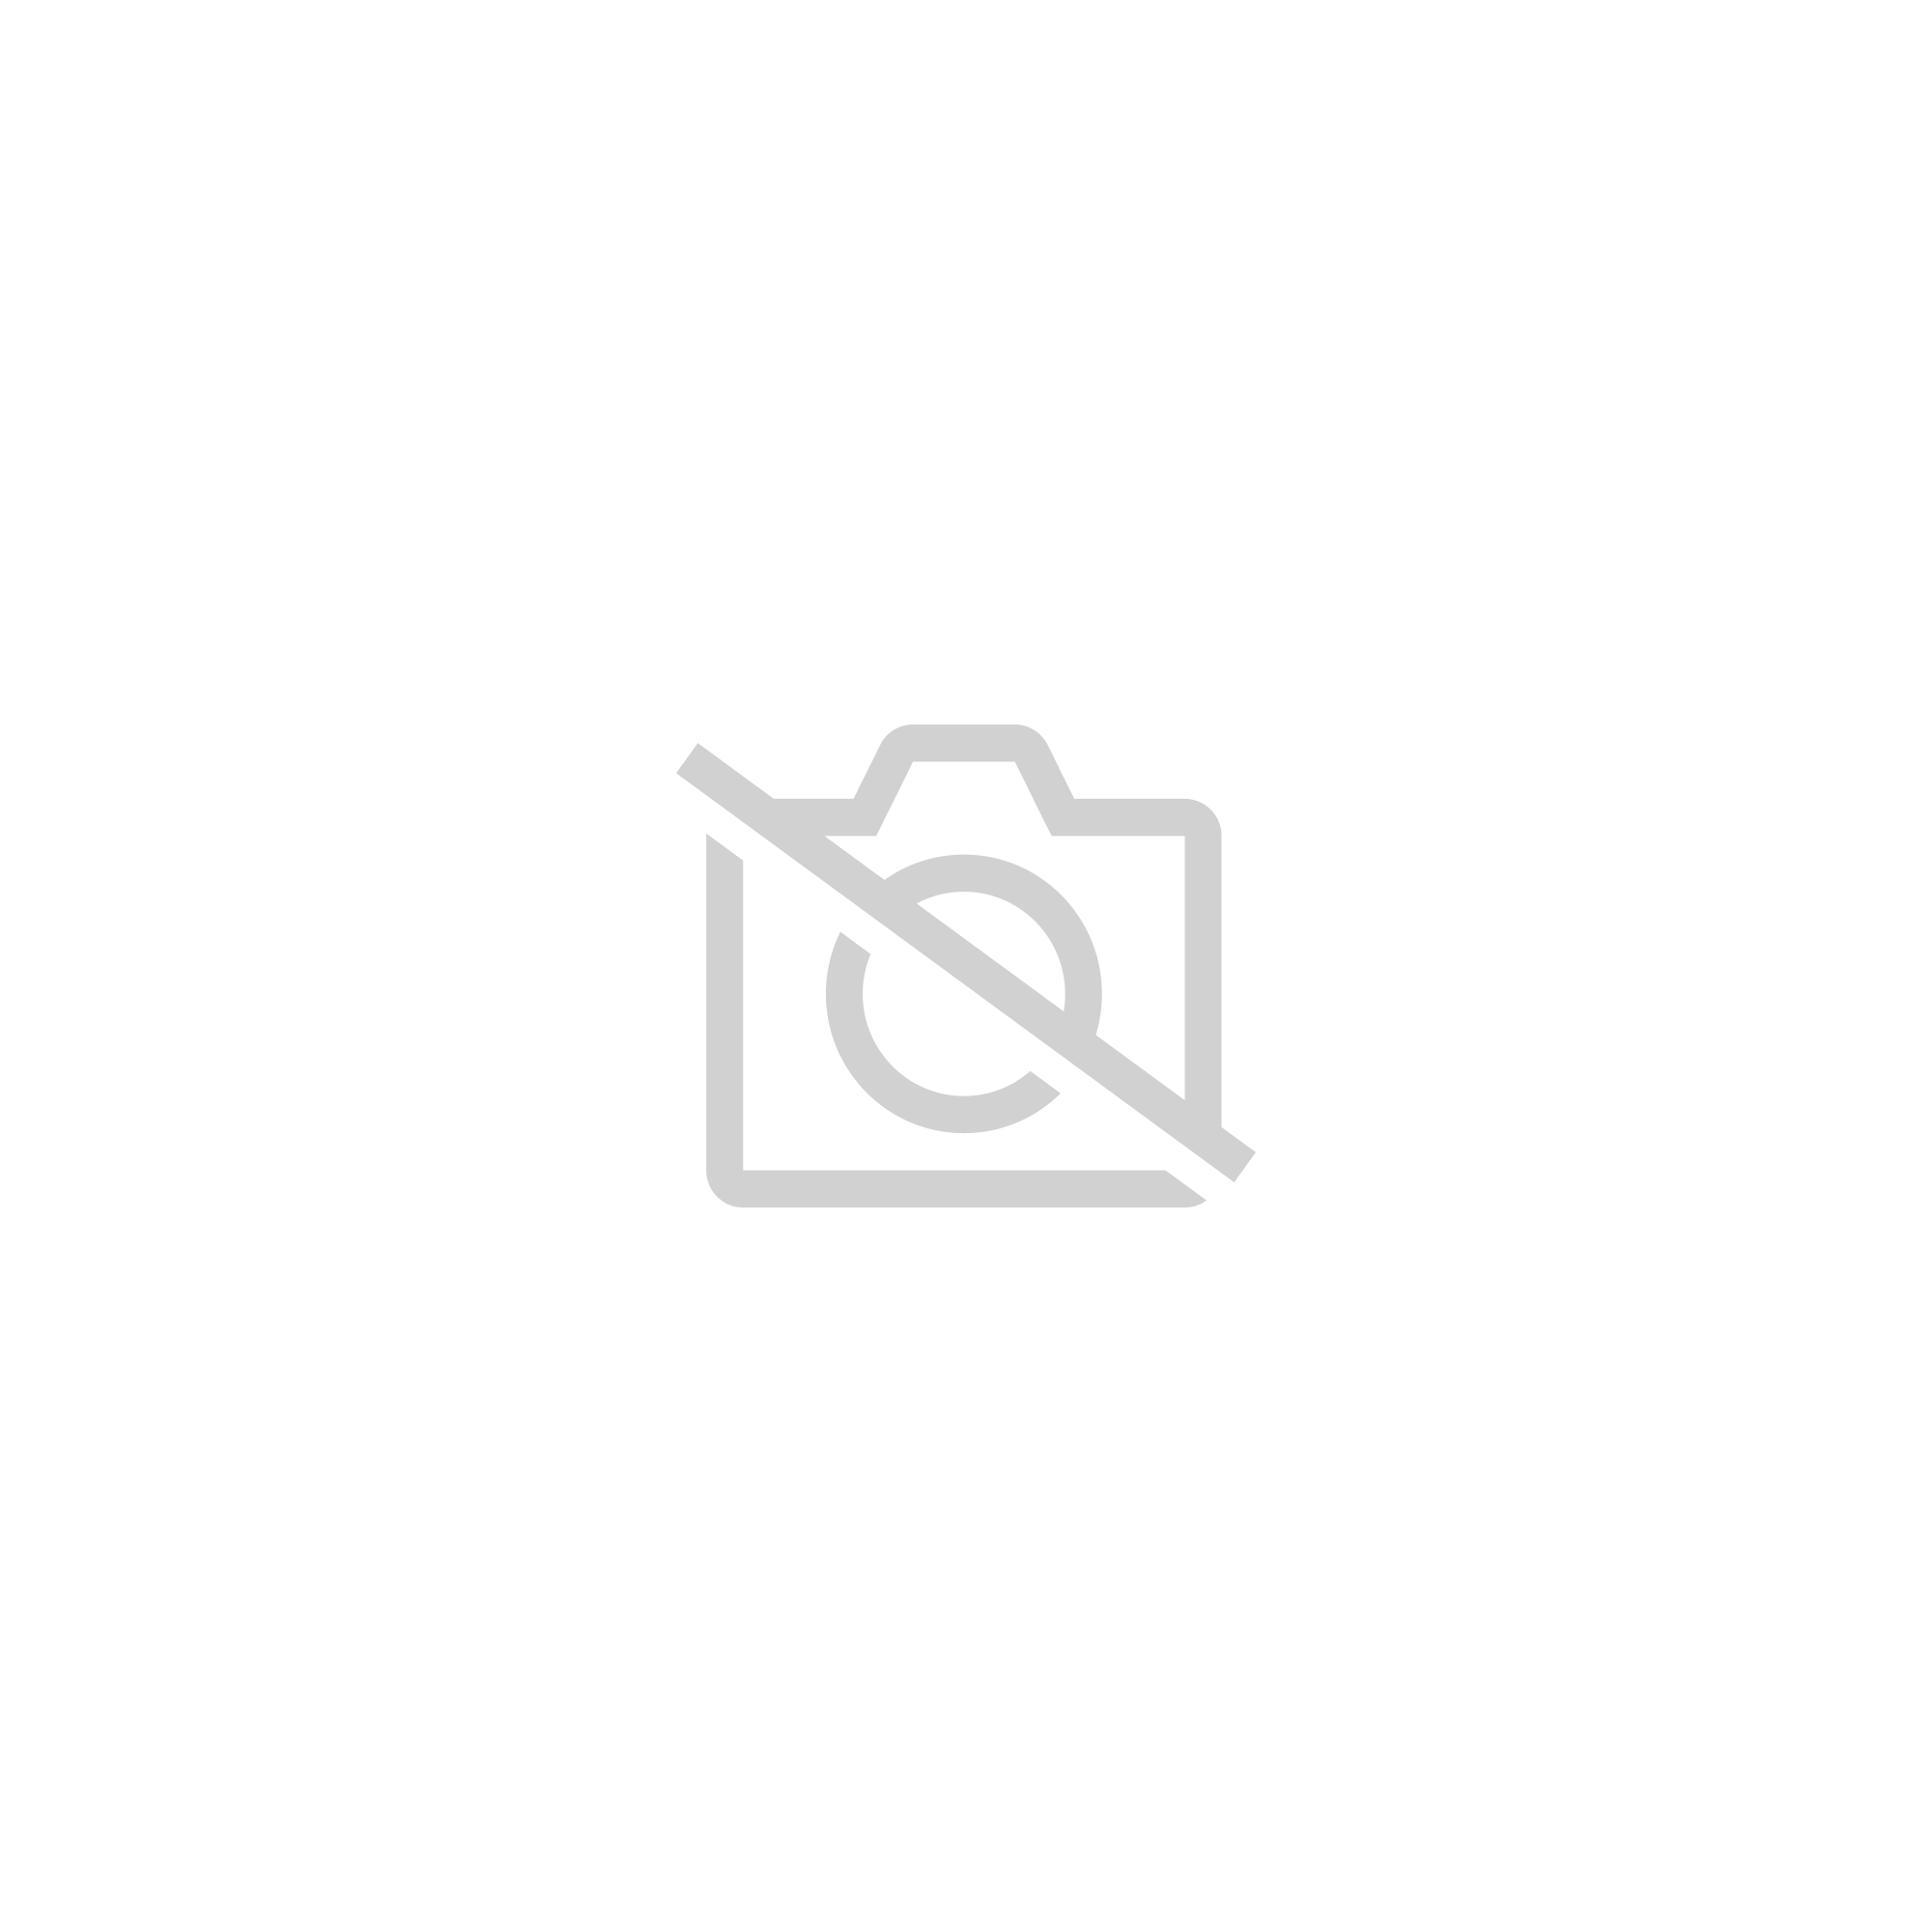 Perle en Argent Sterling 925 avec Dauphin Plaqu/é Or Zircon et /Émail Bleu pour Breloques Bracelet Dauphin Star KAAYAH Pendentif Charm Femme